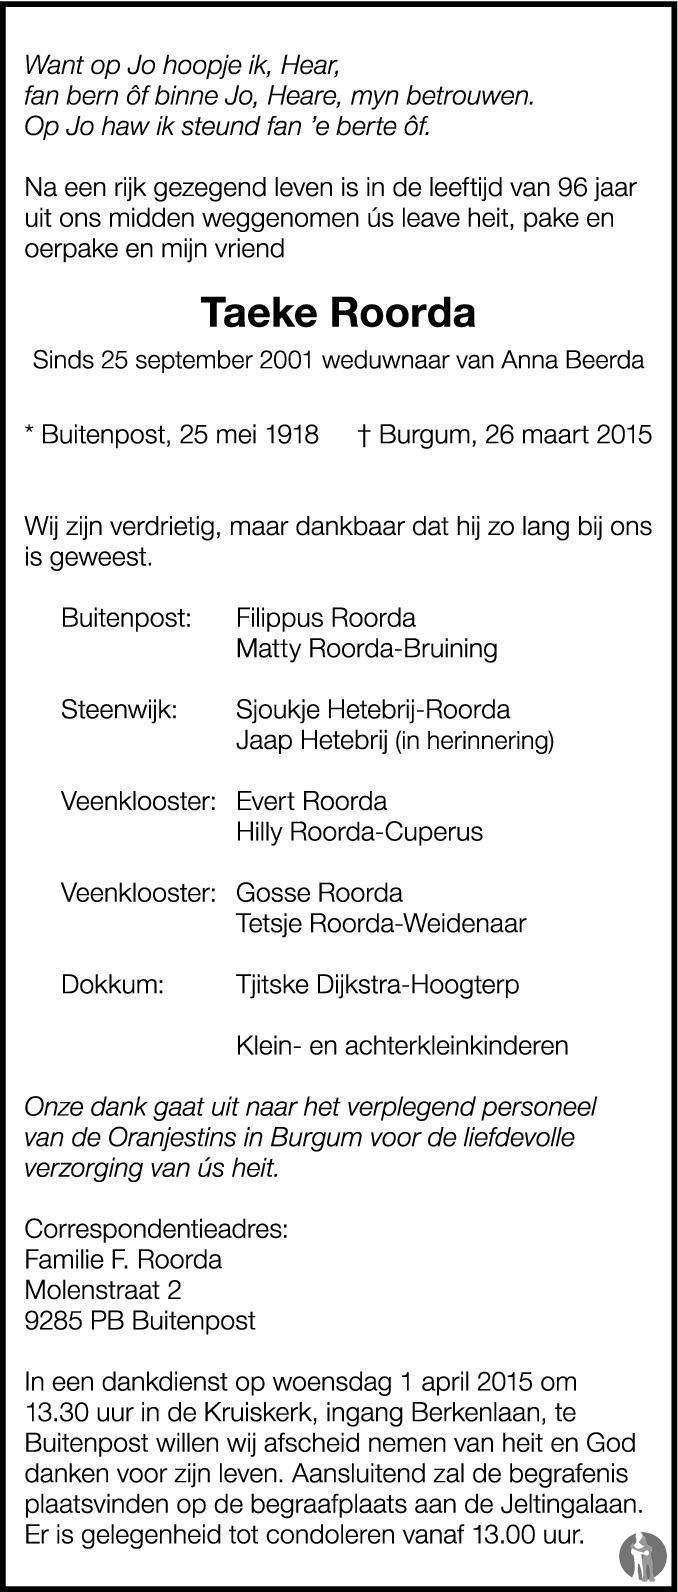 Overlijdensbericht van Taeke Roorda in Friesch Dagblad